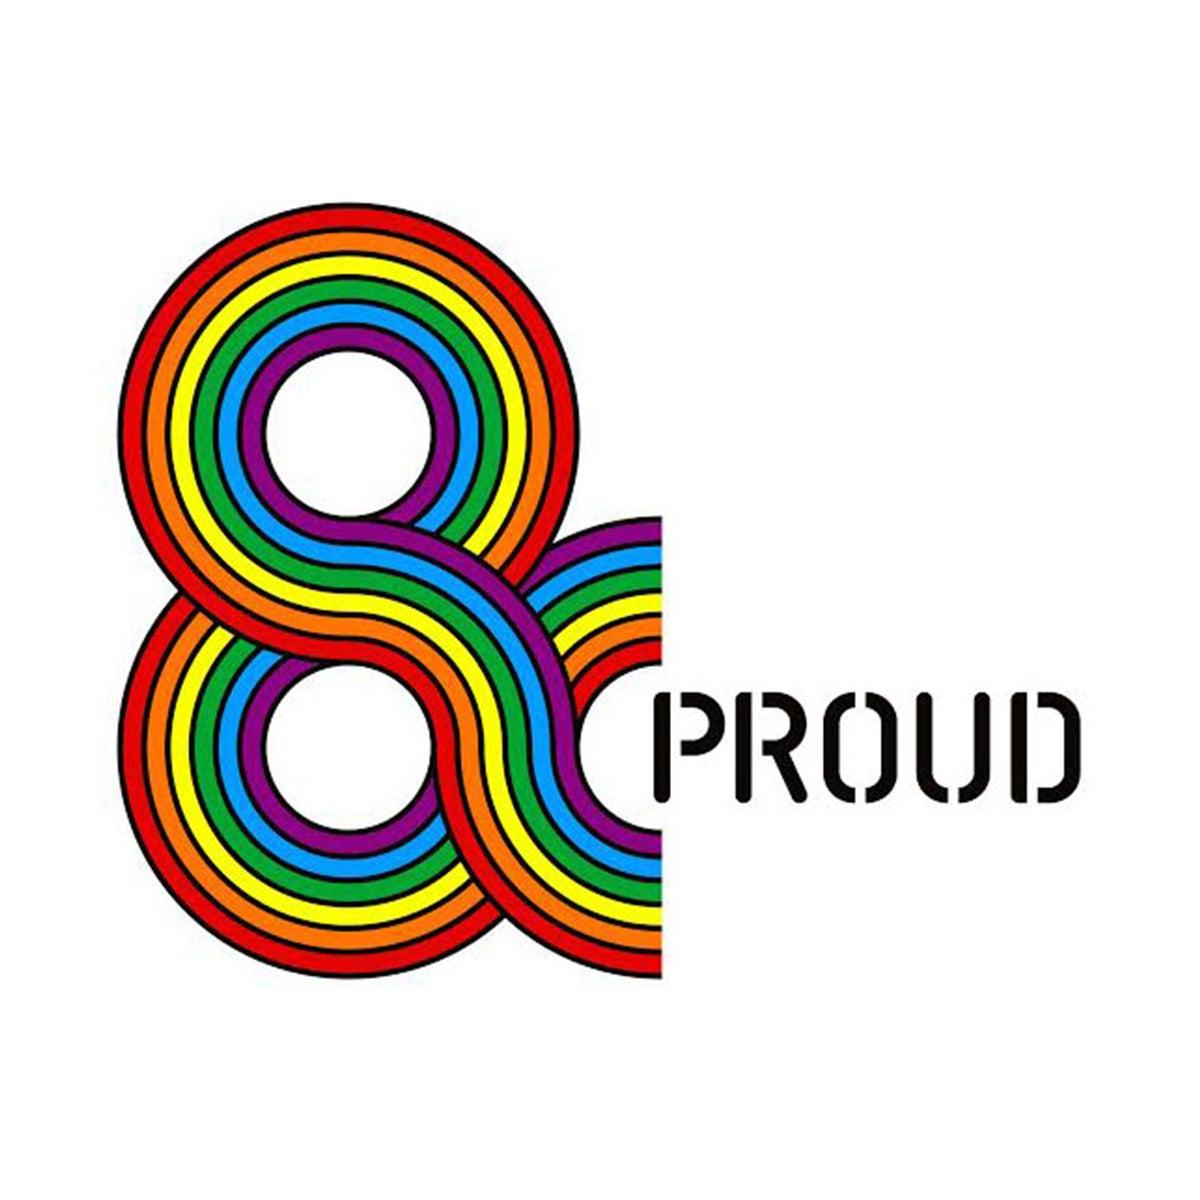 &Proud.